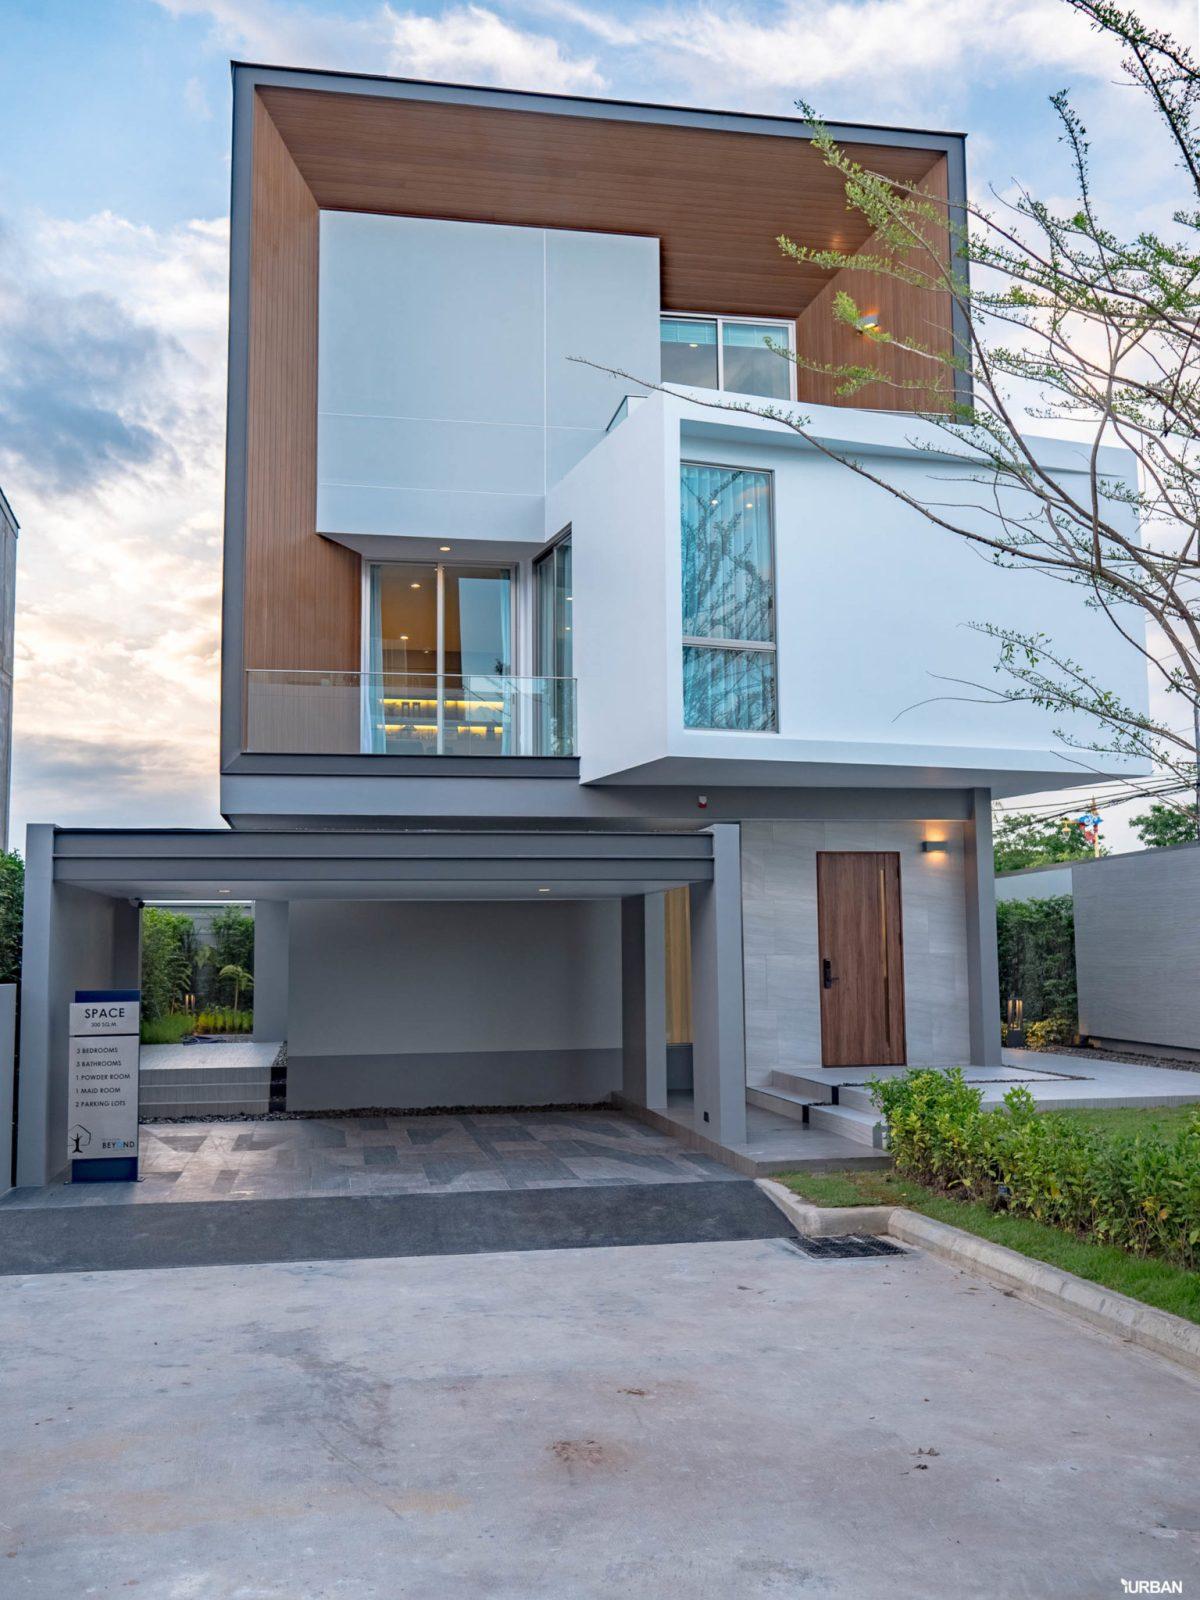 รีวิว Nirvana BEYOND Udonthani บ้านเดี่ยว 3 ชั้น ดีไซน์บิดสุดโมเดิร์น บนที่ดินสุดท้ายหน้าหนองประจักษ์ 132 - Luxury